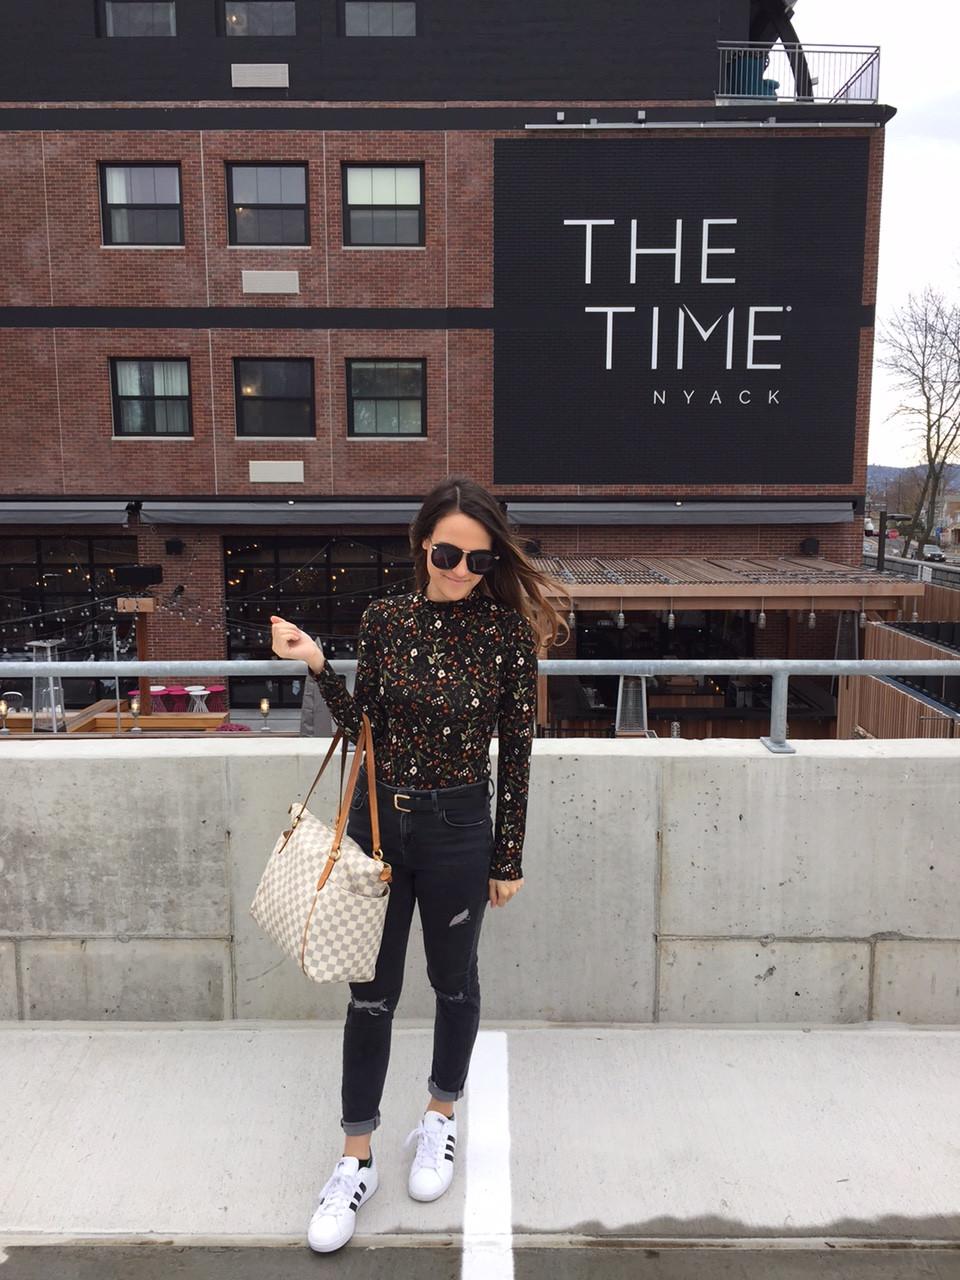 THE TIME Nyack, NY